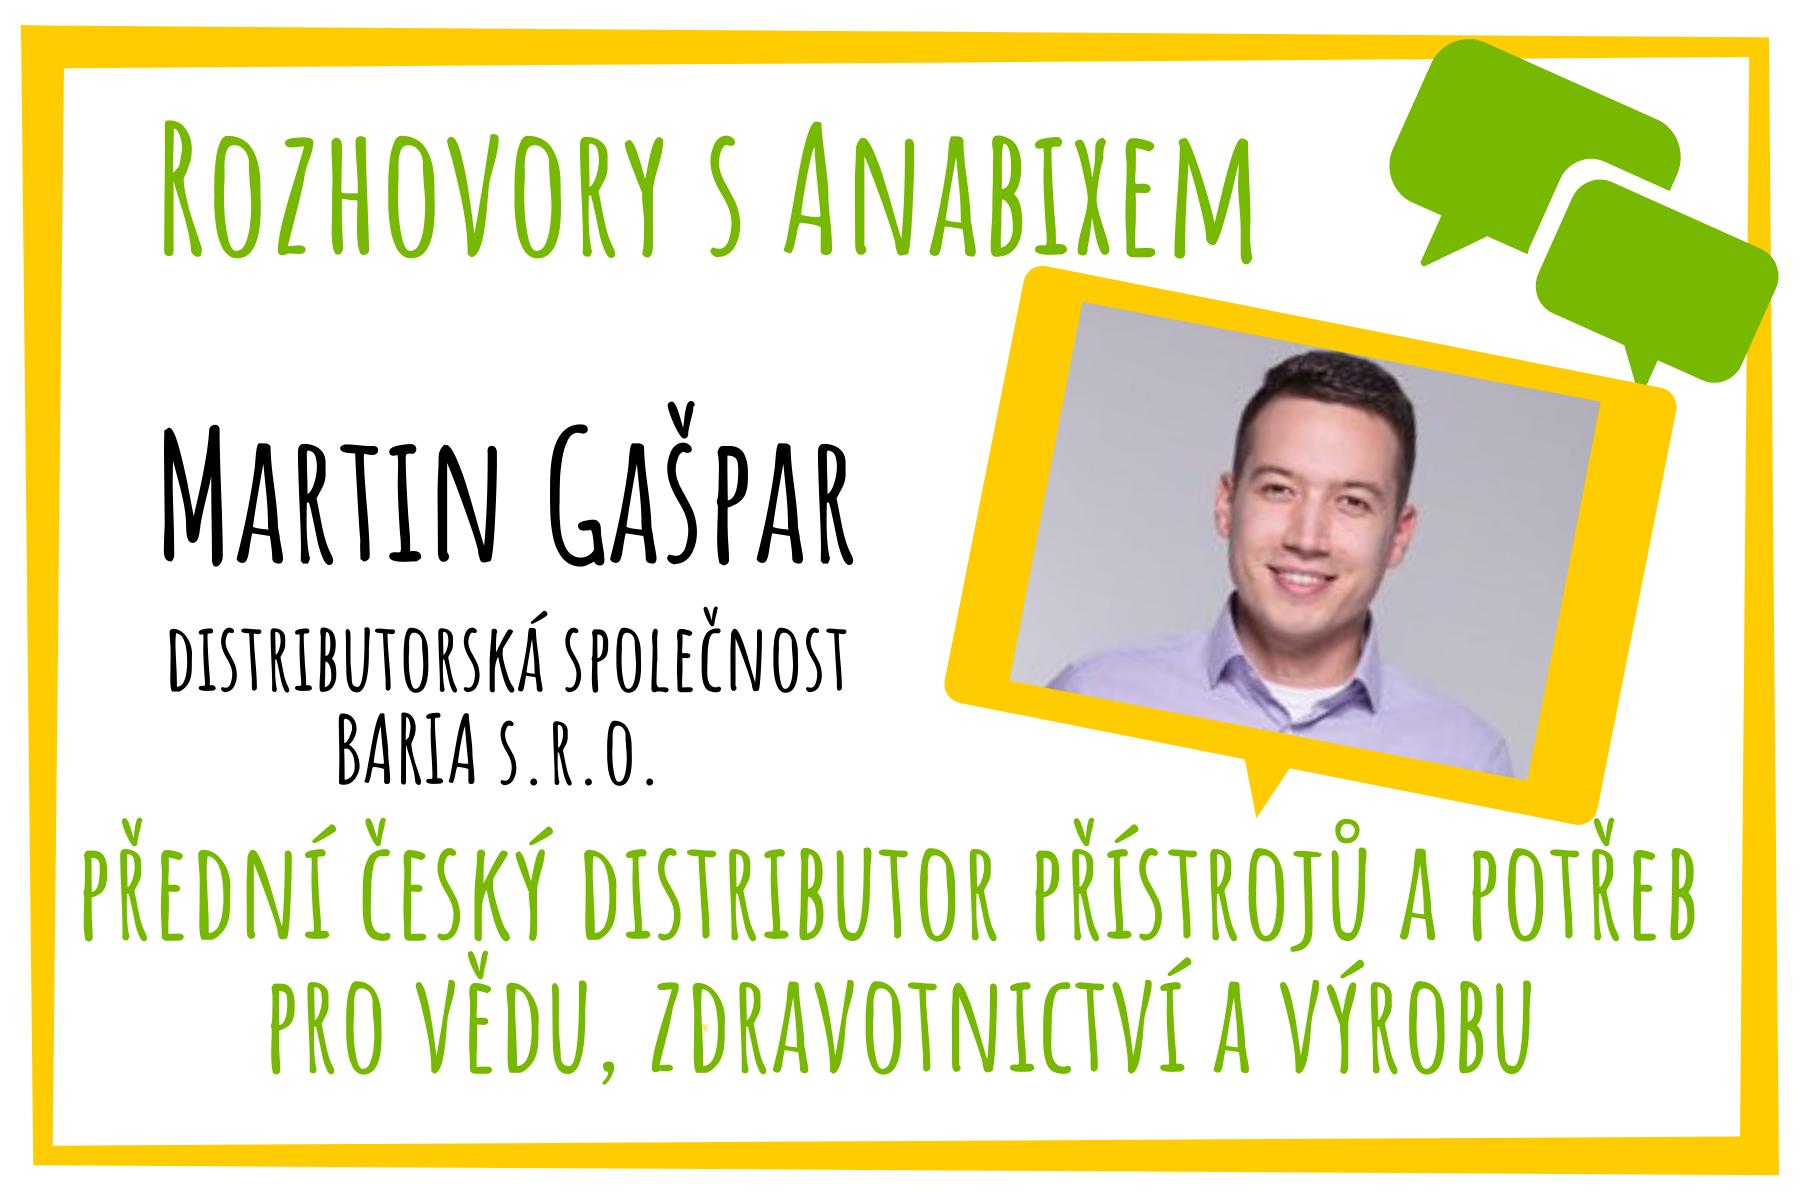 Rozhovory sAnabixem – Martin Gašpar